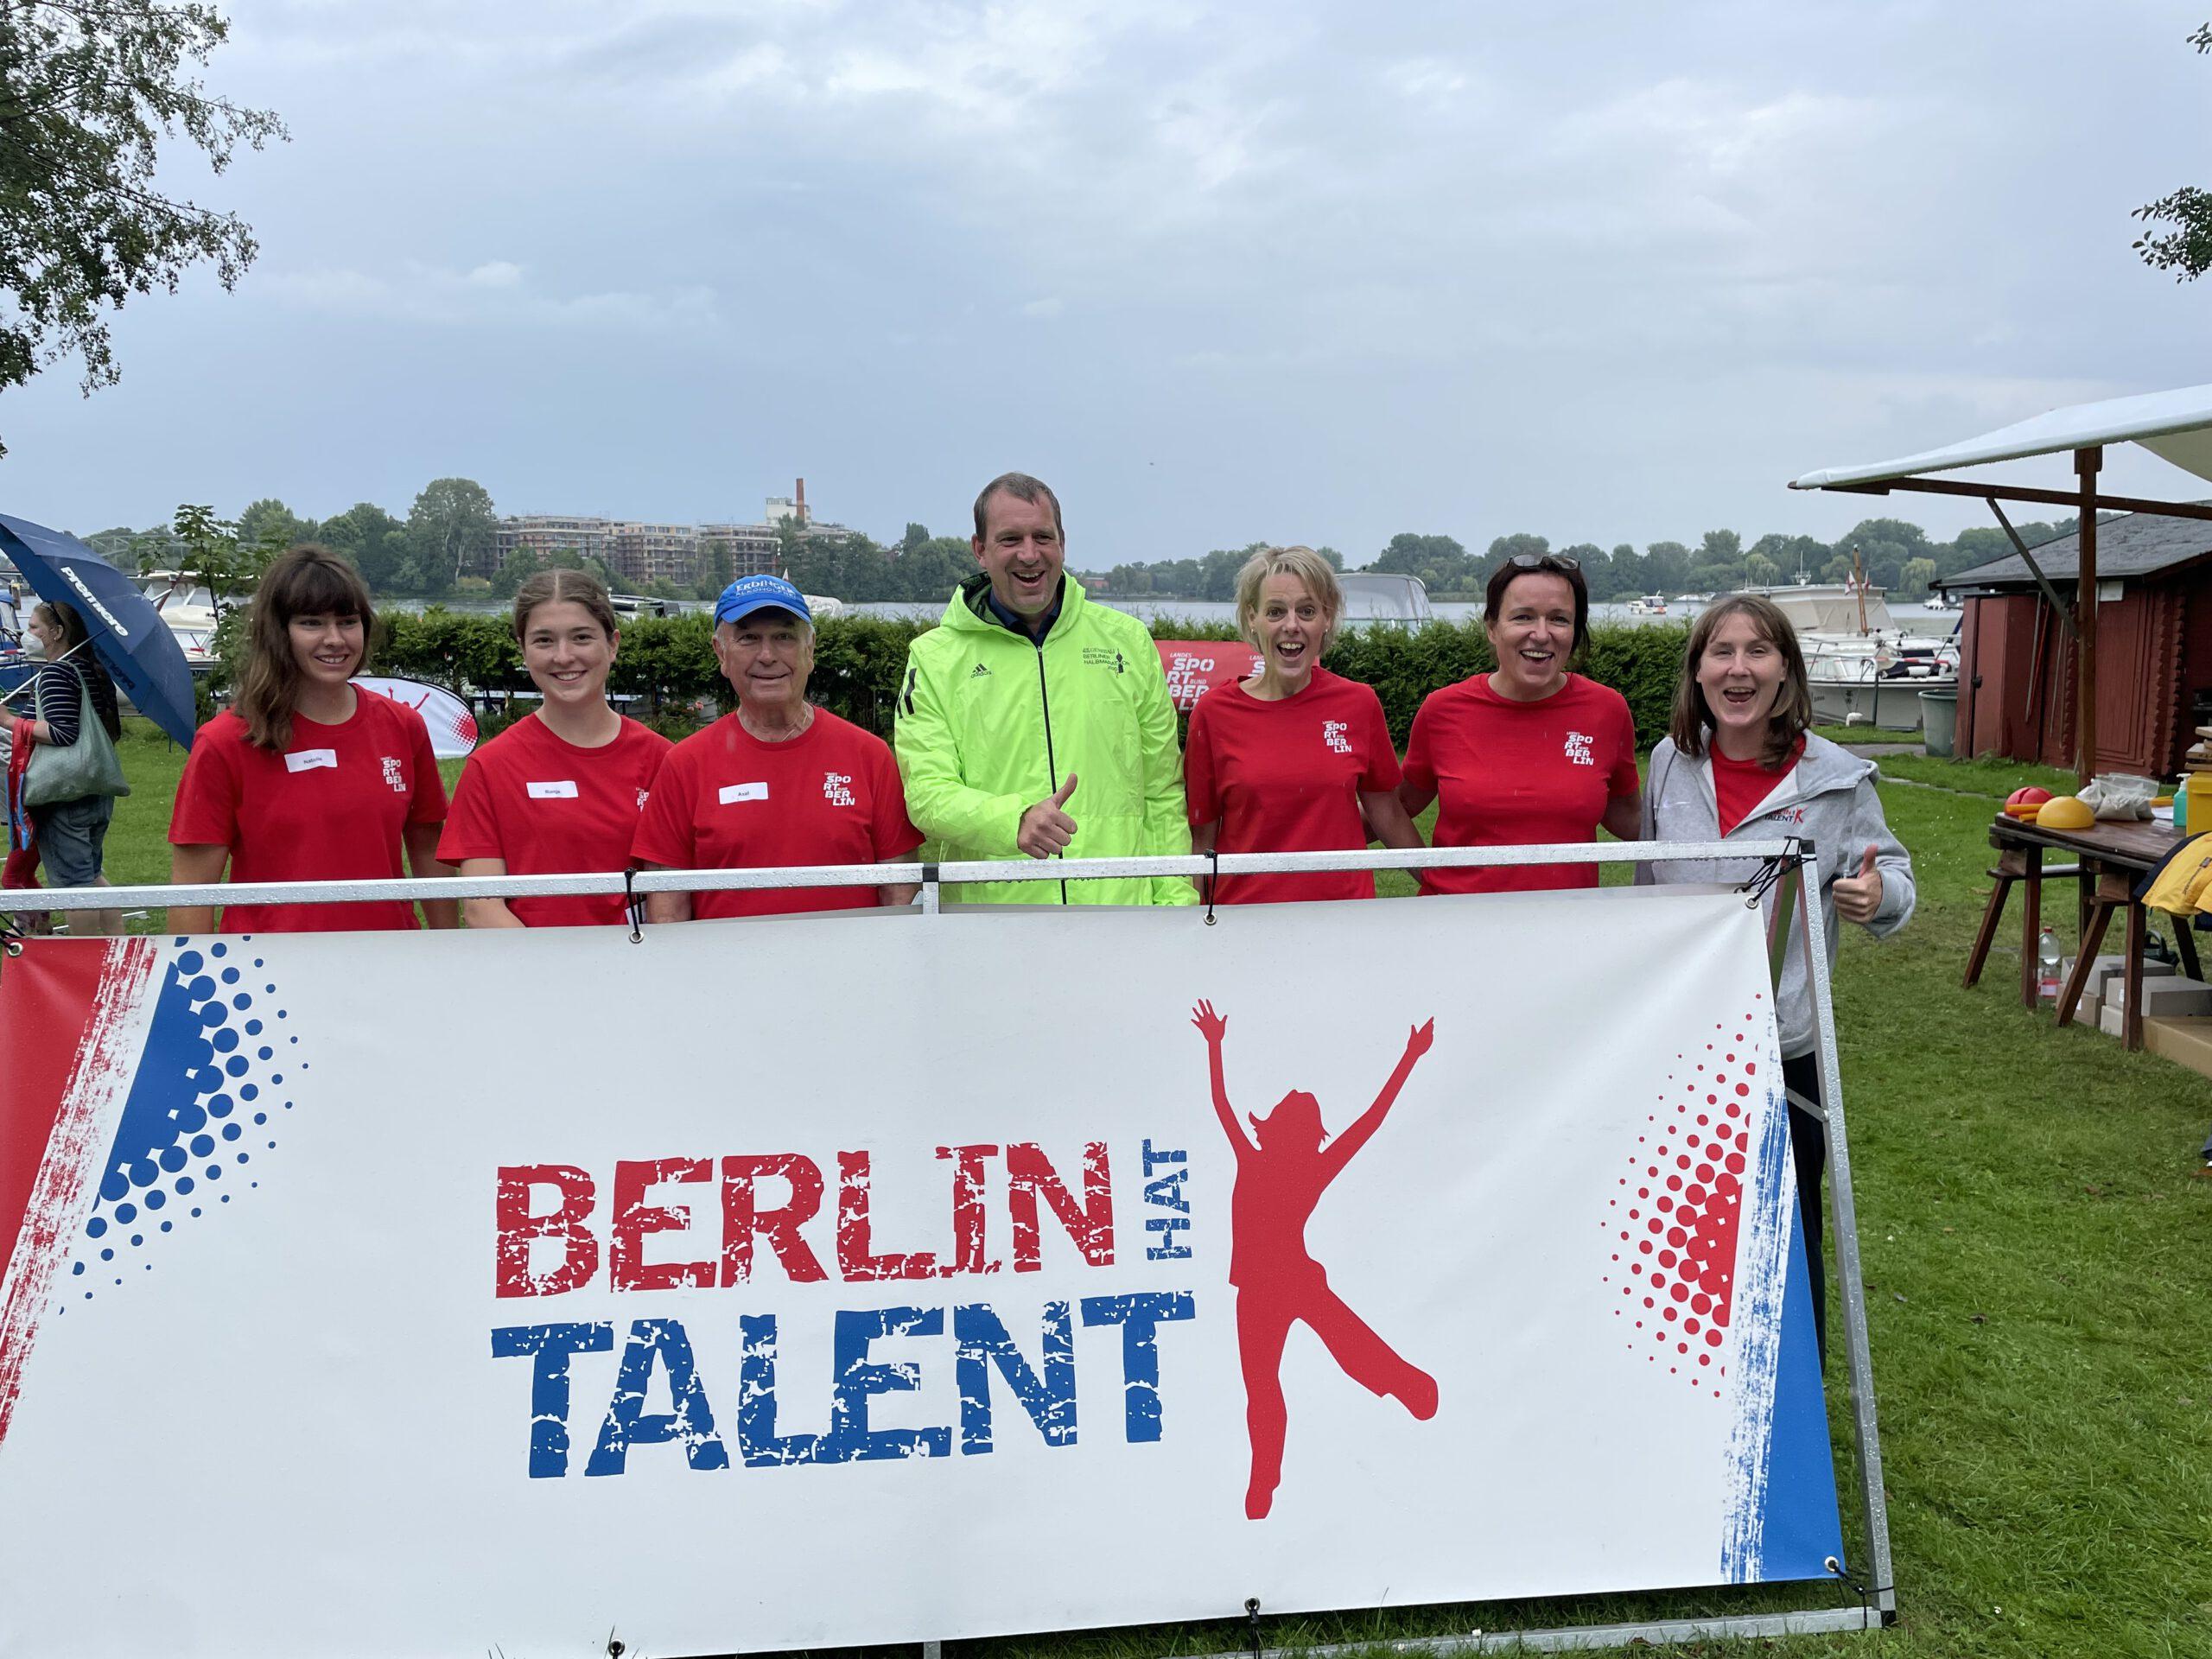 Staatssekretär - Aleksander Dzembritzki besucht den BHT-Strand beim Familiensportfest in Spandau